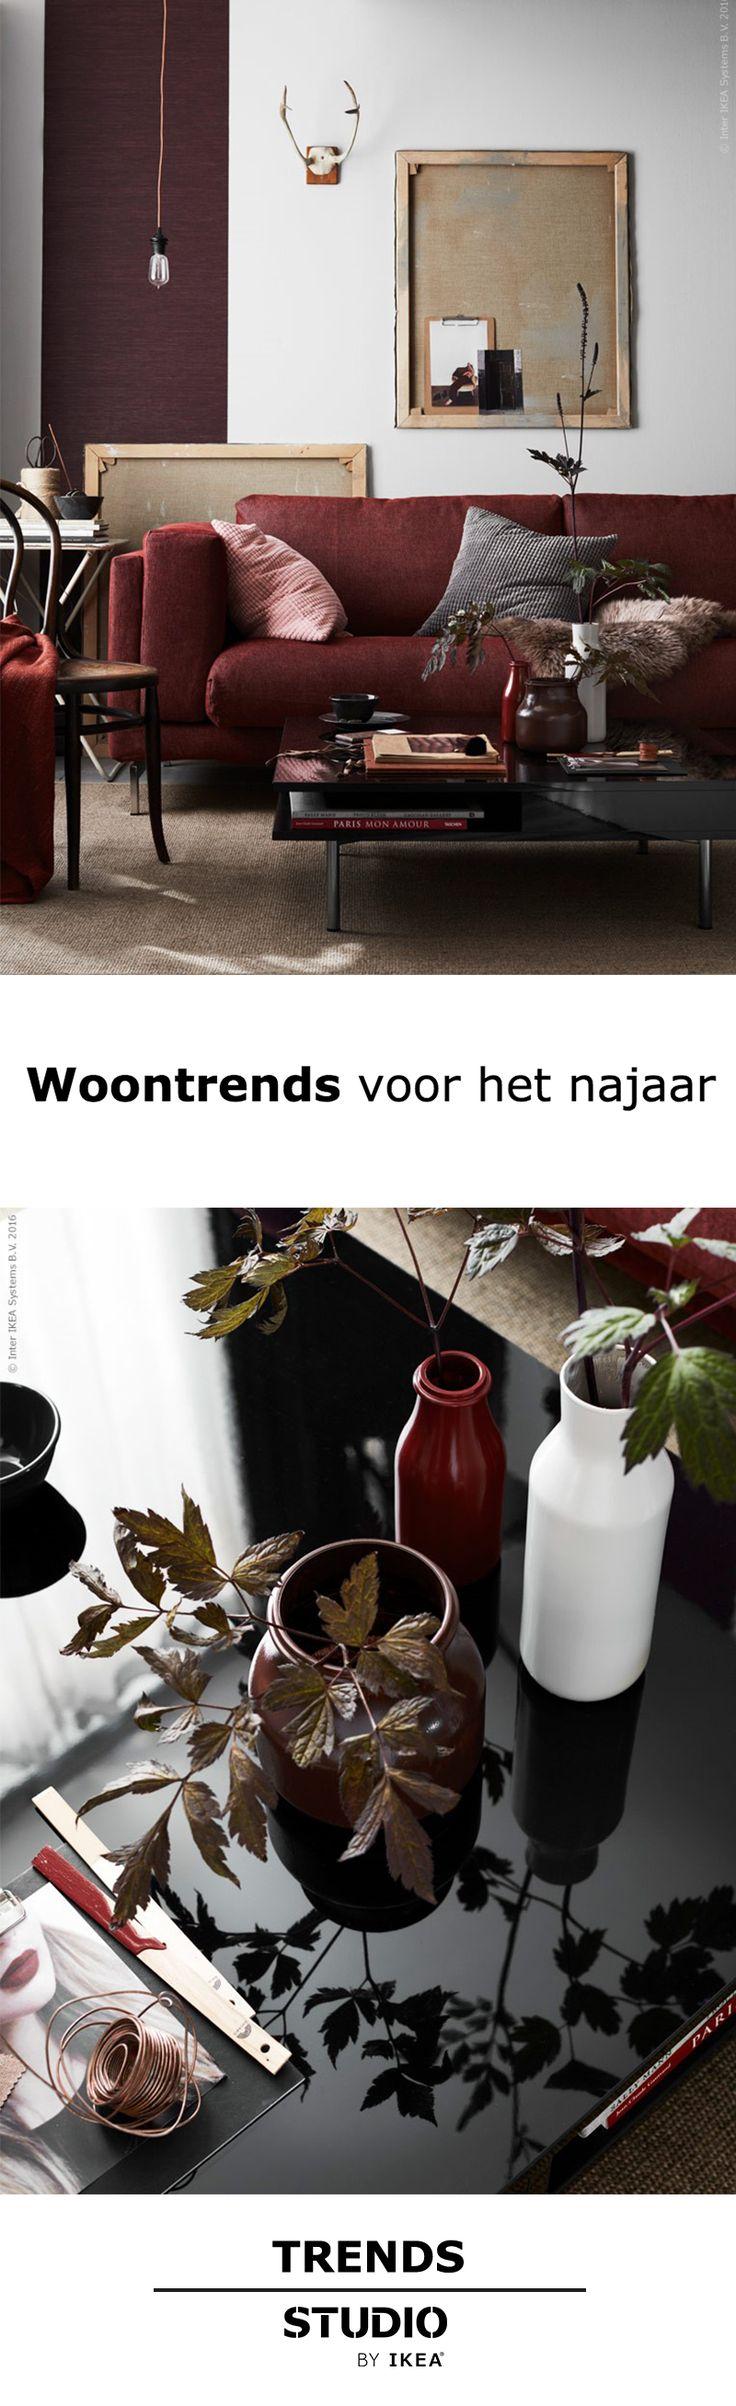 STUDIO by IKEA - Woontrends voor het najaar   IKEA IKEAnl IKEAnederland wooninspiratie inspiratie trend styling interieur kleur rood bruin oranje roze groen herfst winter